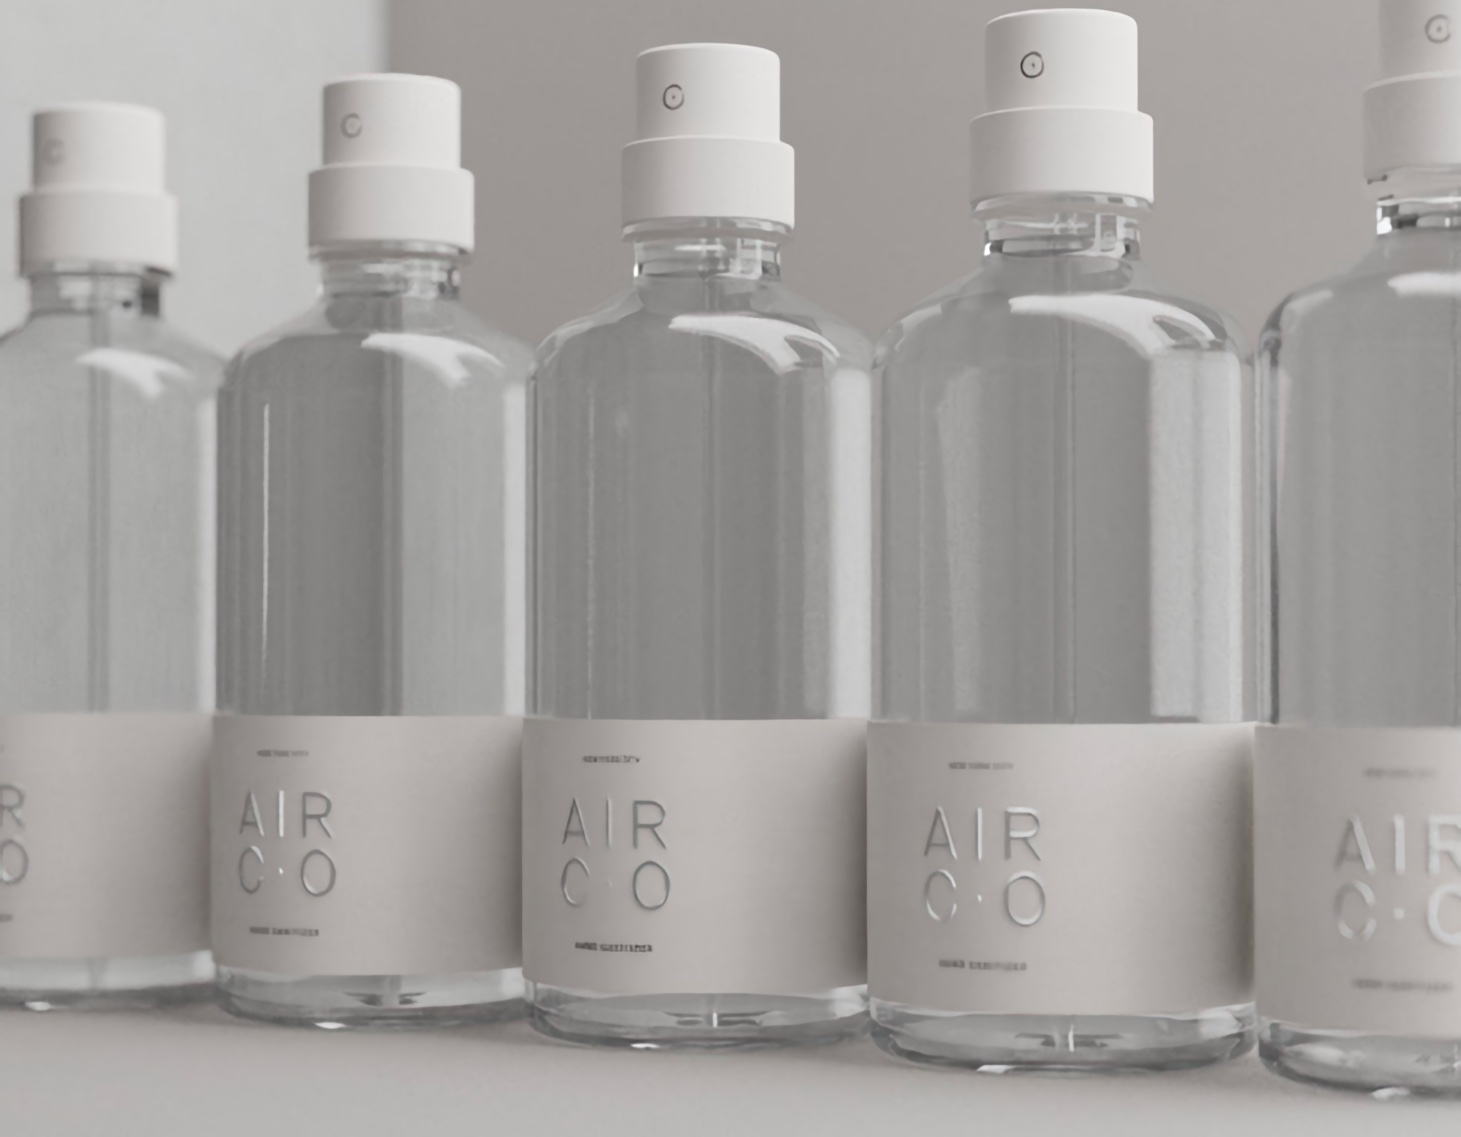 Air Co